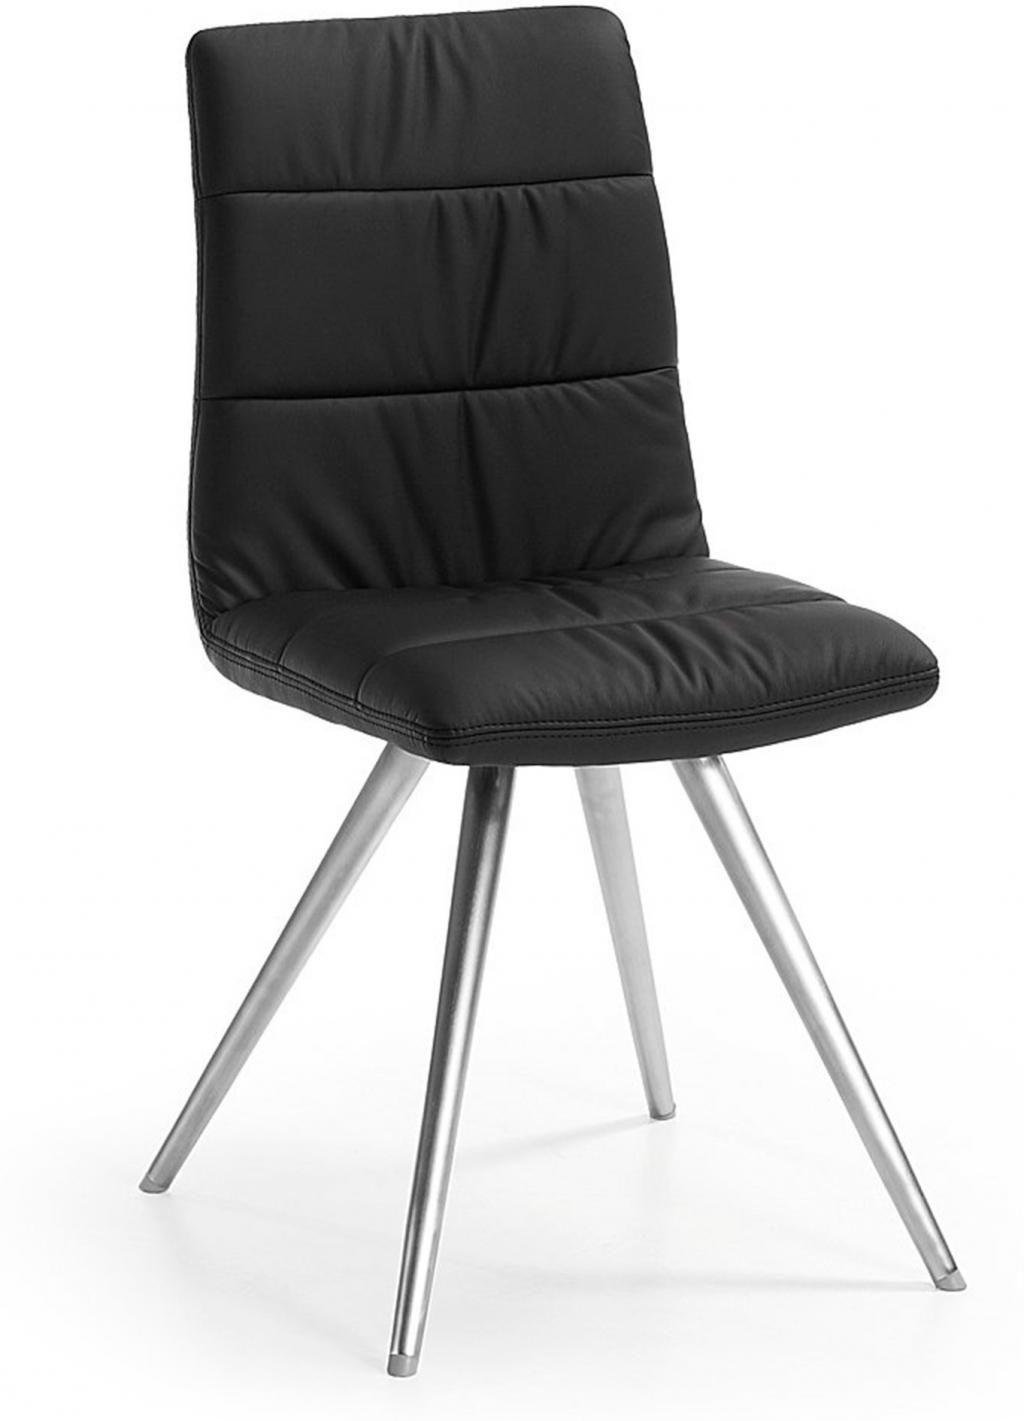 stuhl lark2 schwarz edelstahl gestell la forma kaufen wohn und. Black Bedroom Furniture Sets. Home Design Ideas